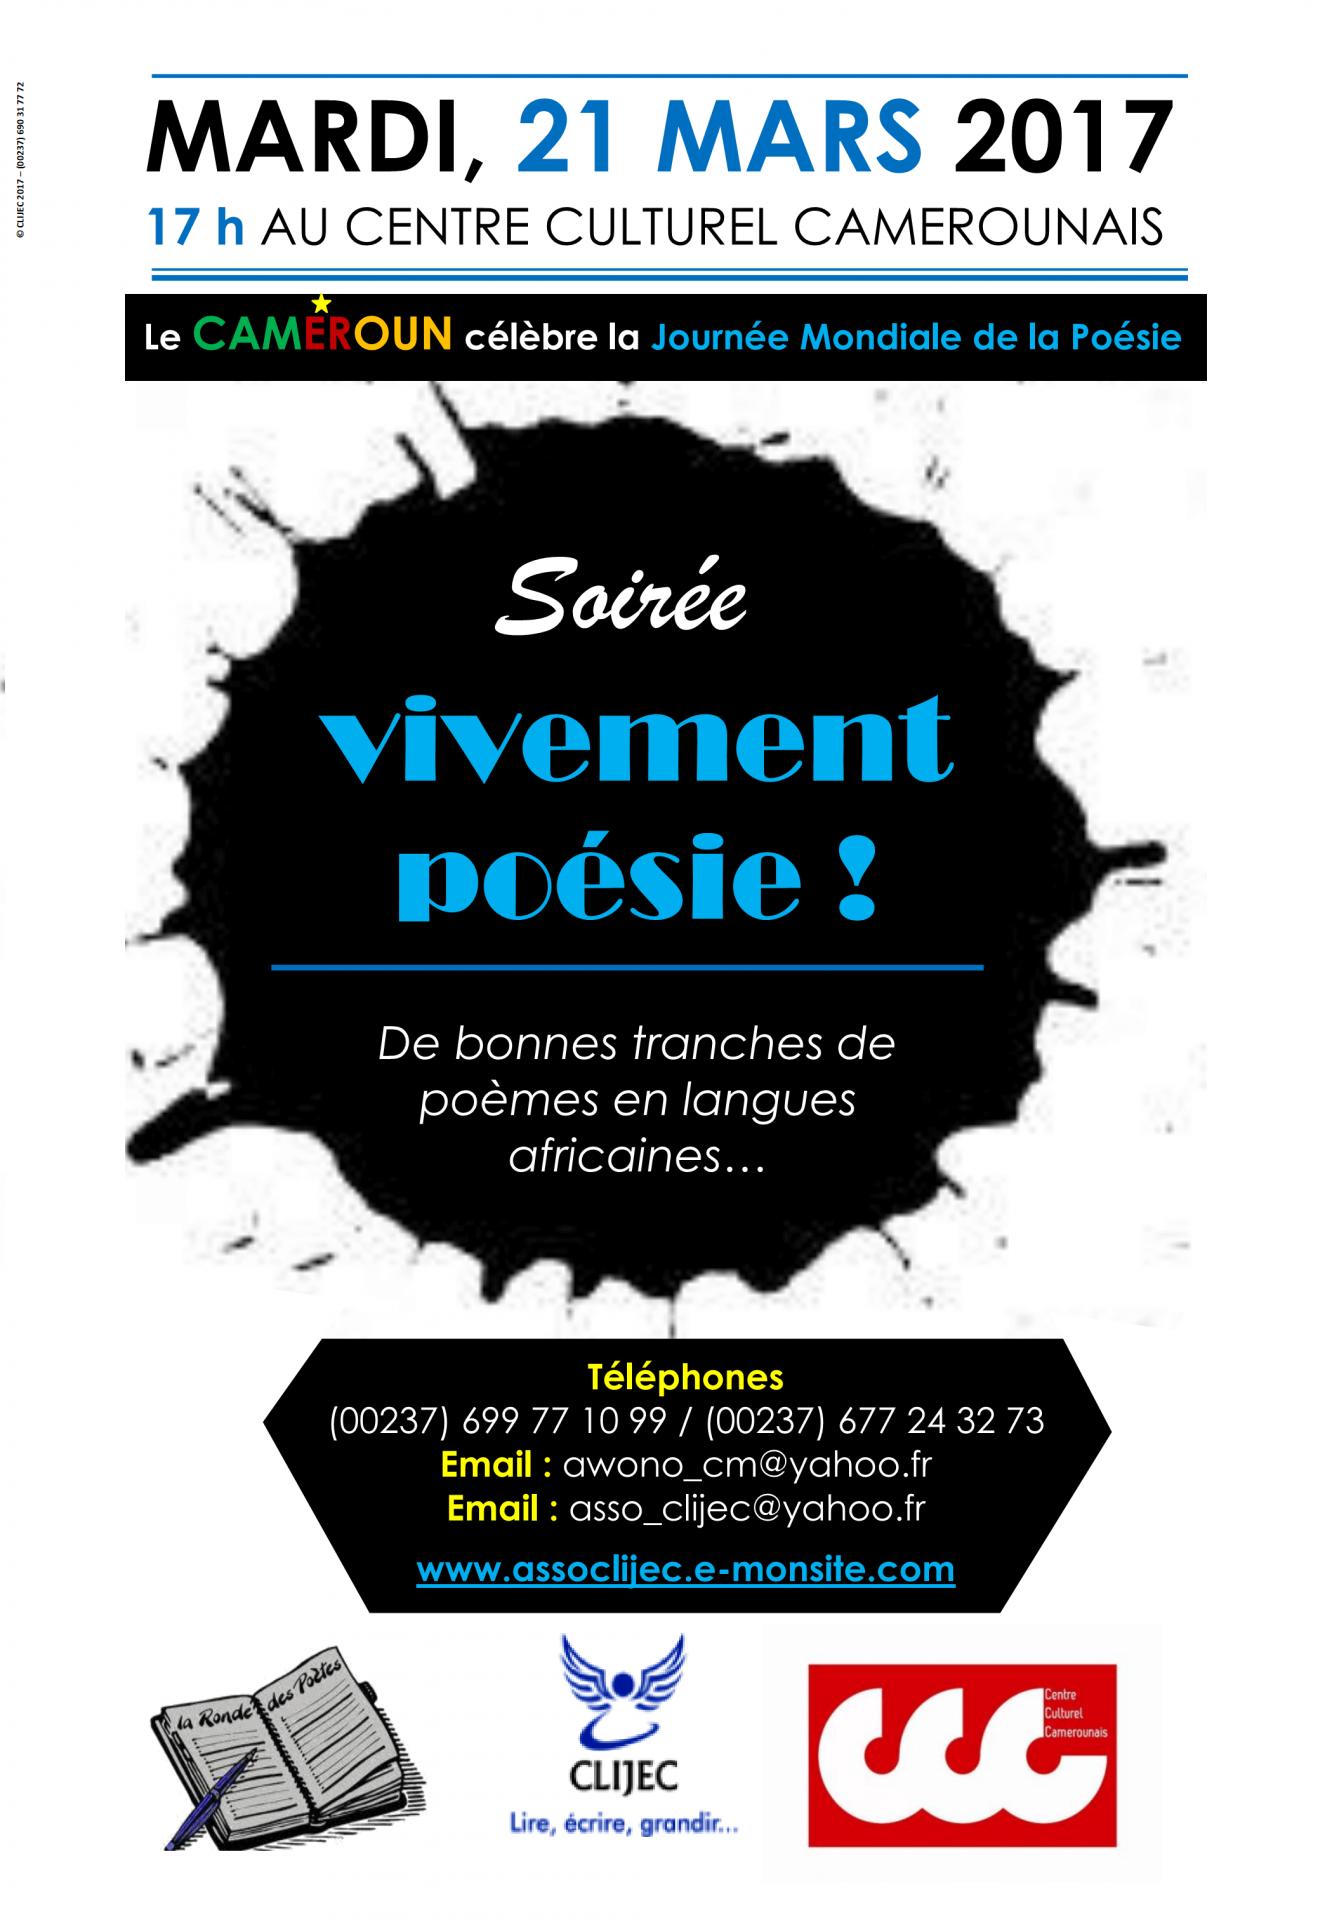 Affiche 2017 journee mondiale de la poesie cameroun ronde des poetes clijec 2017